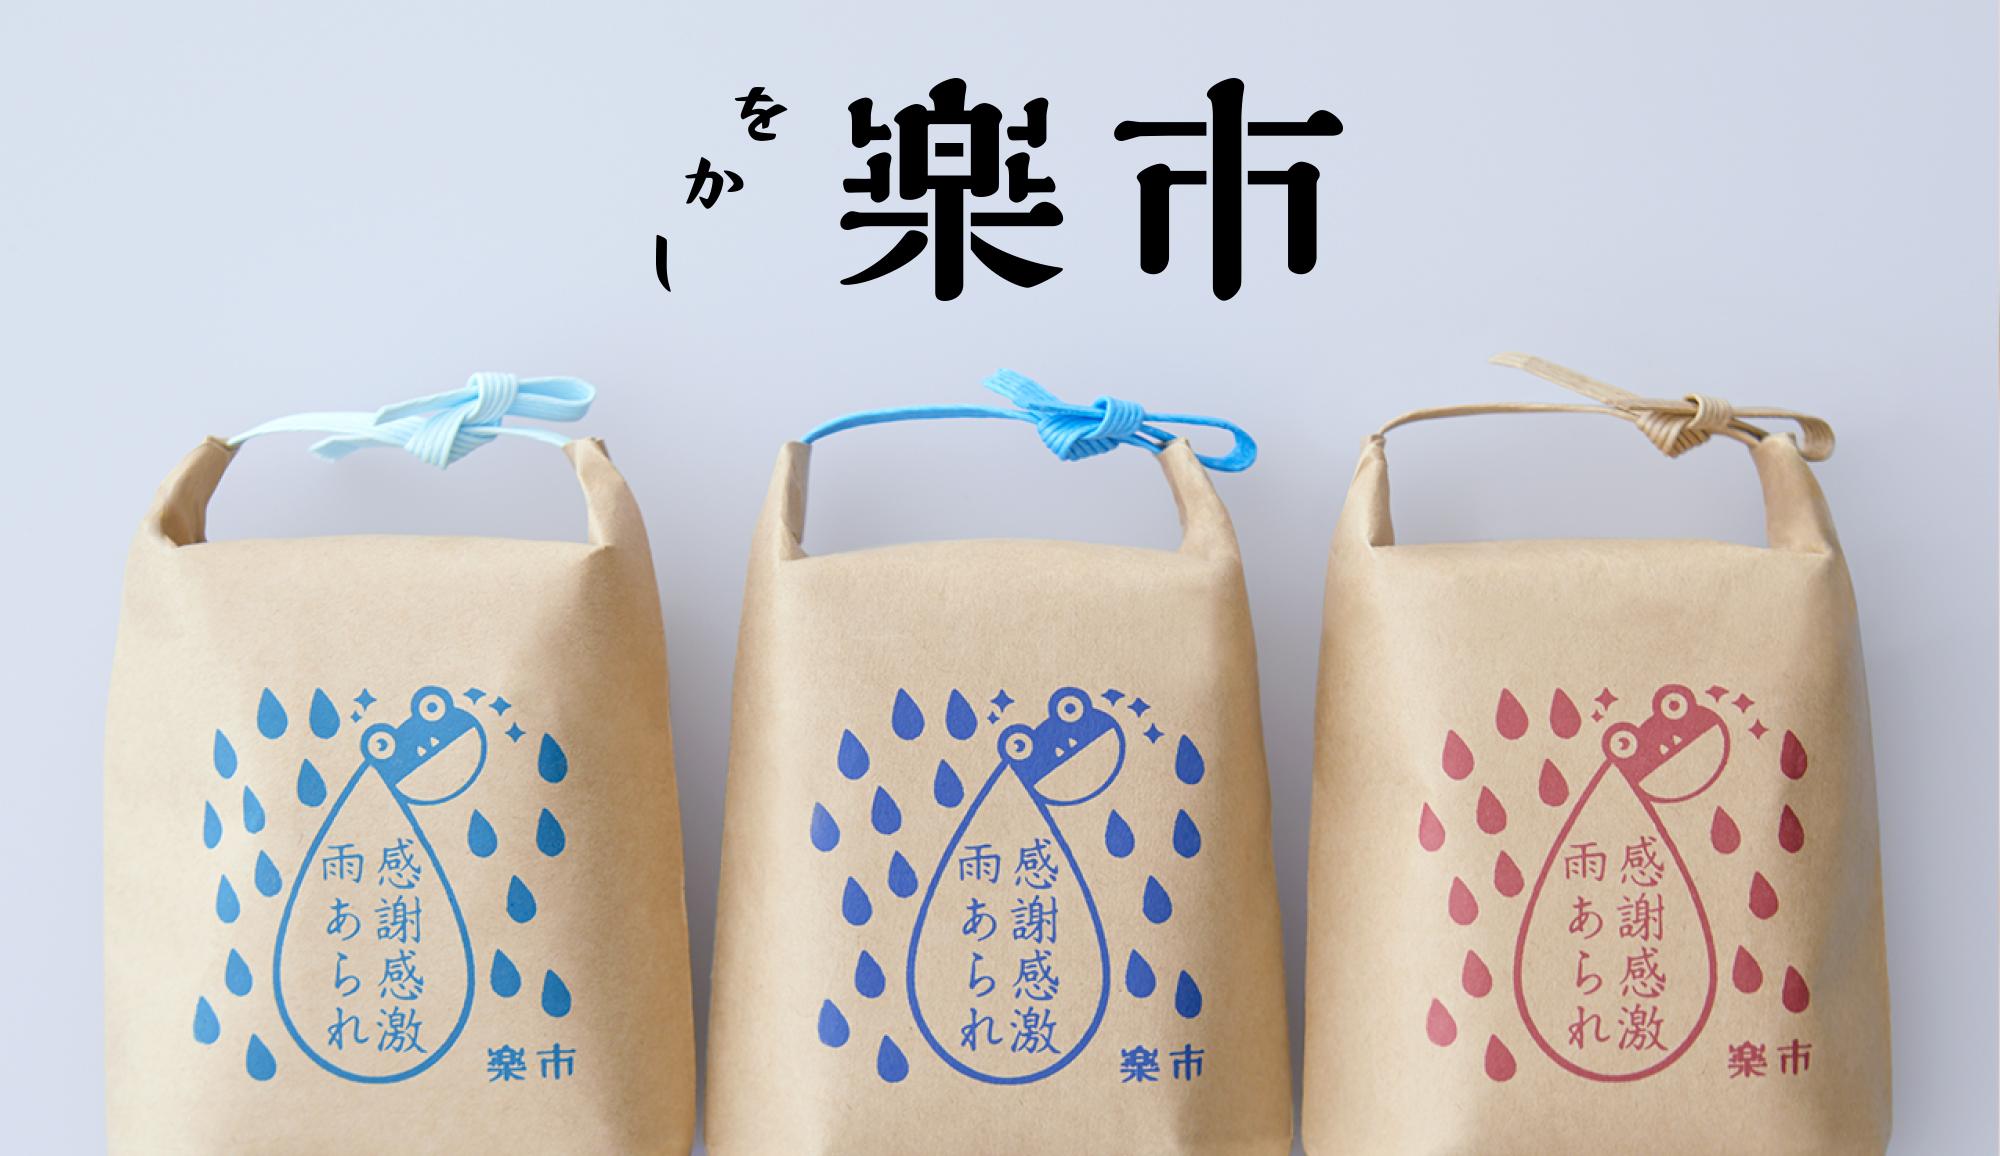 をかし楽市 公式オンラインショップ